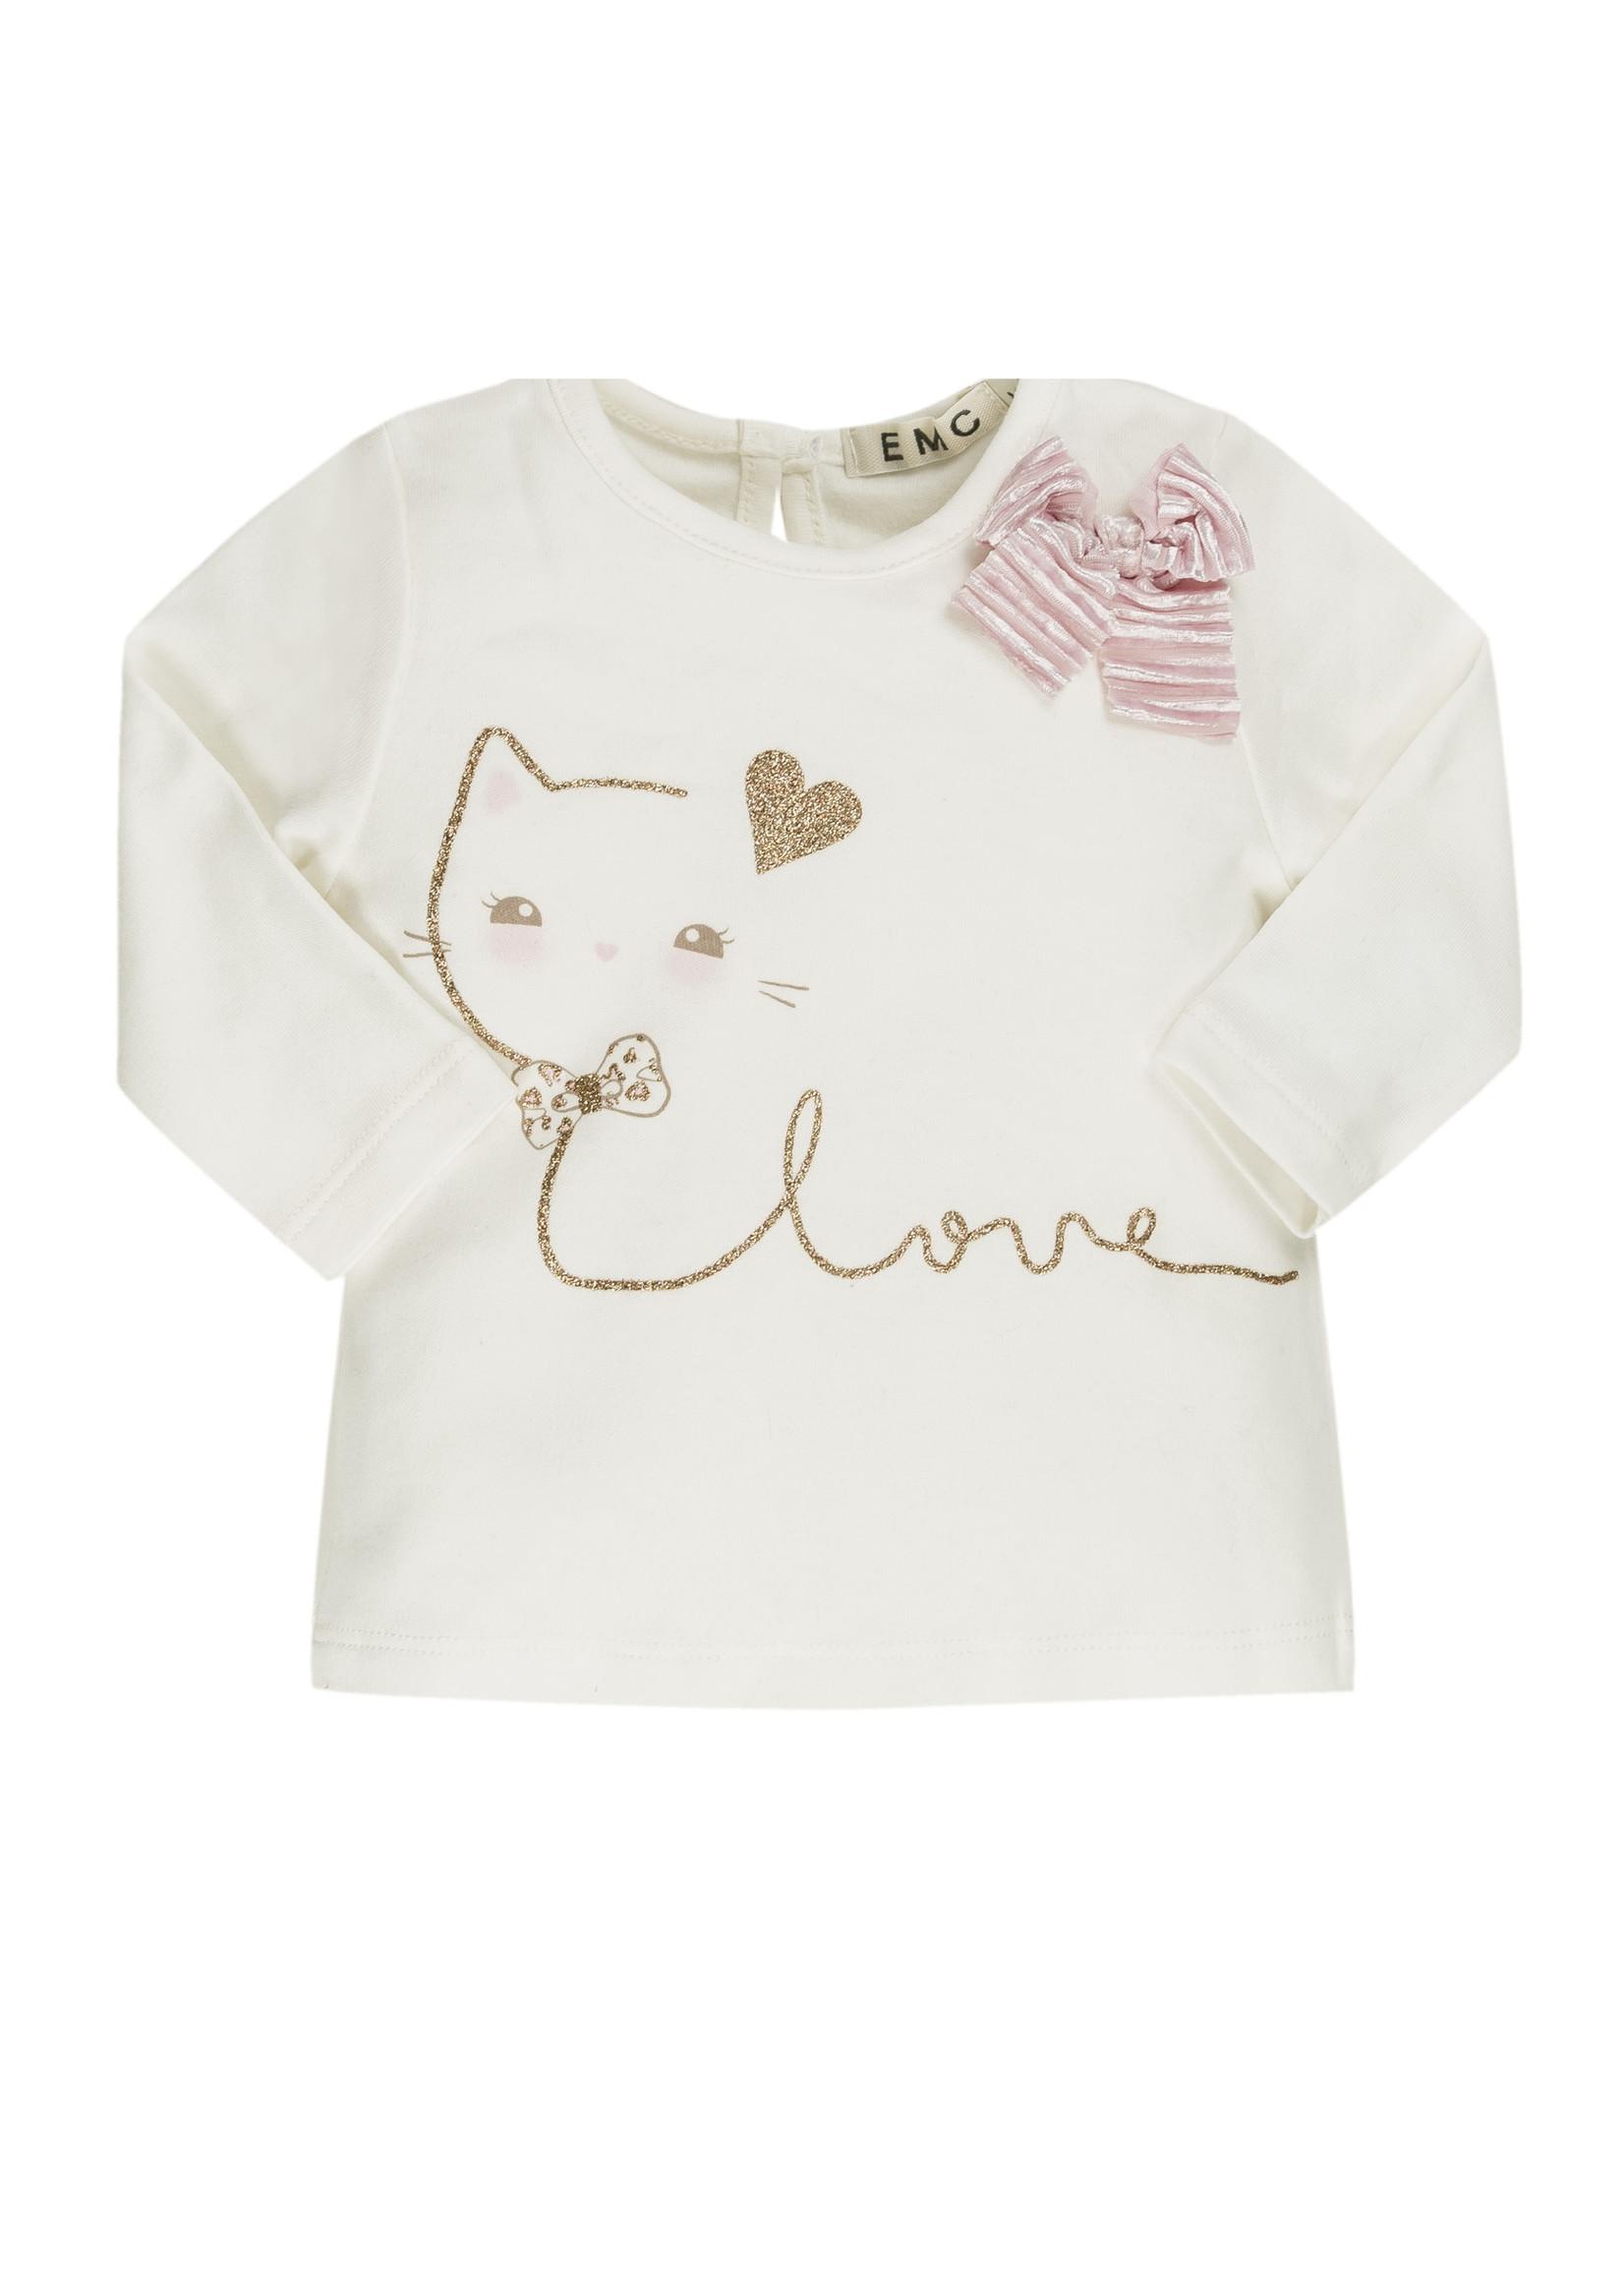 EMC EMC love cat tshirt